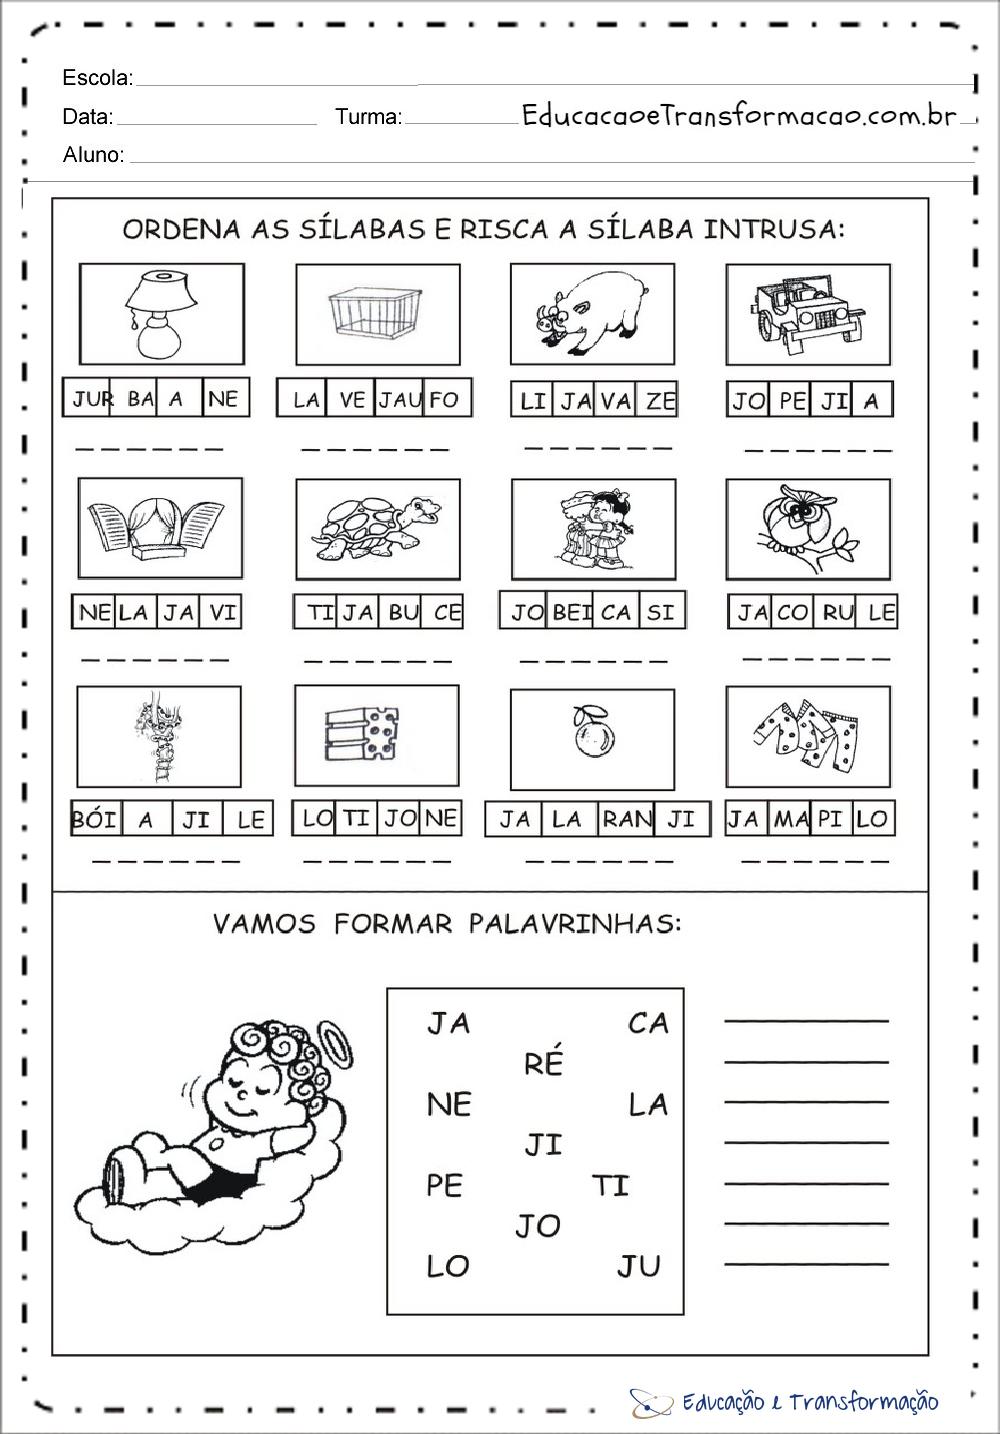 Atividades volta às aulas 2 ano - Brincadeiras e Dinâmicas 2º ano